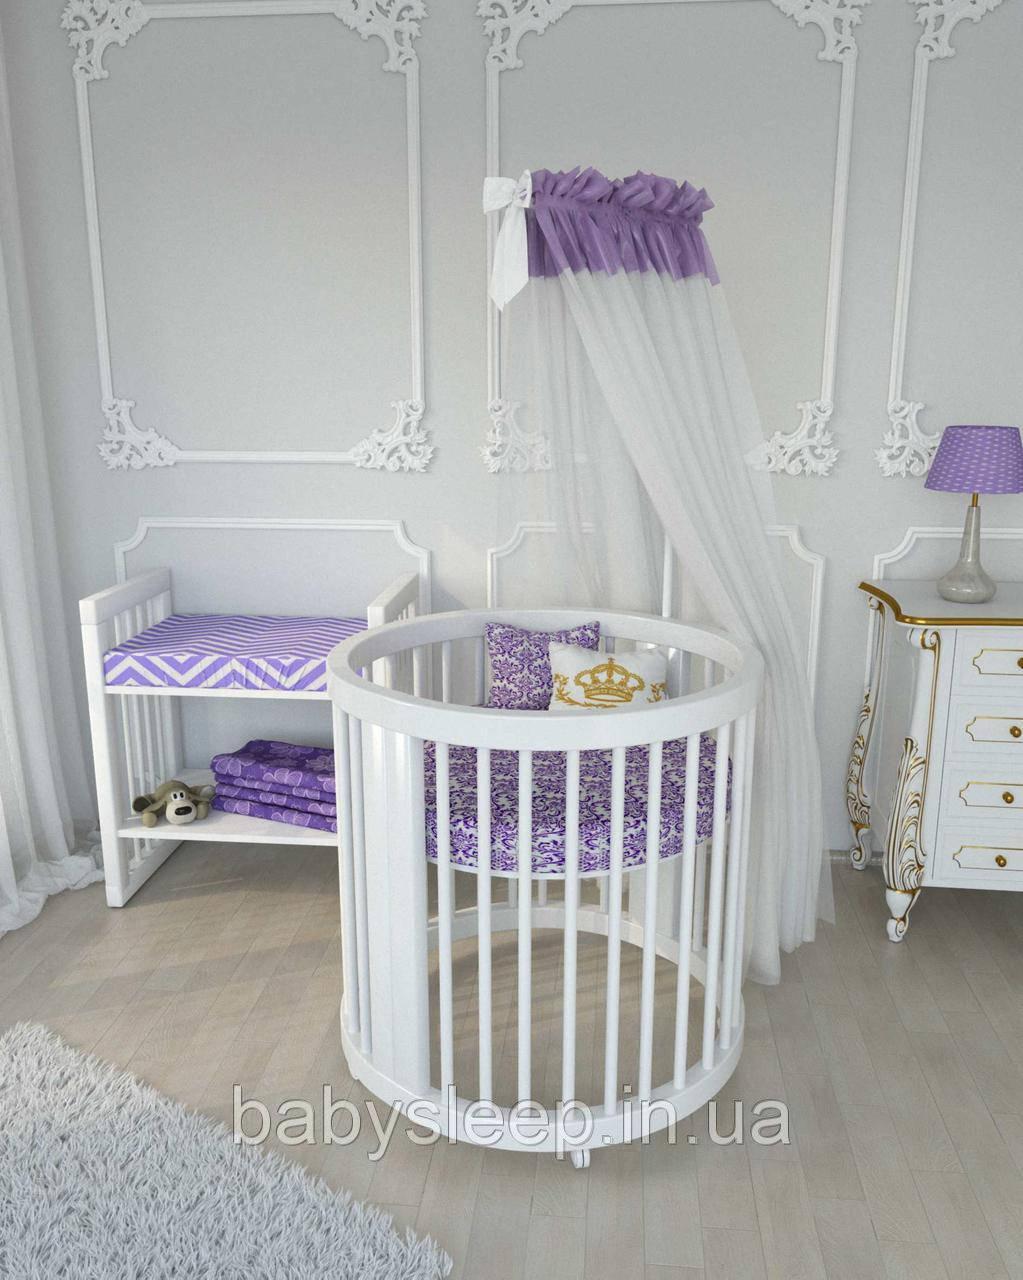 Круглая кроватка трансформер Бук 12в1 BabySleep + укачивание